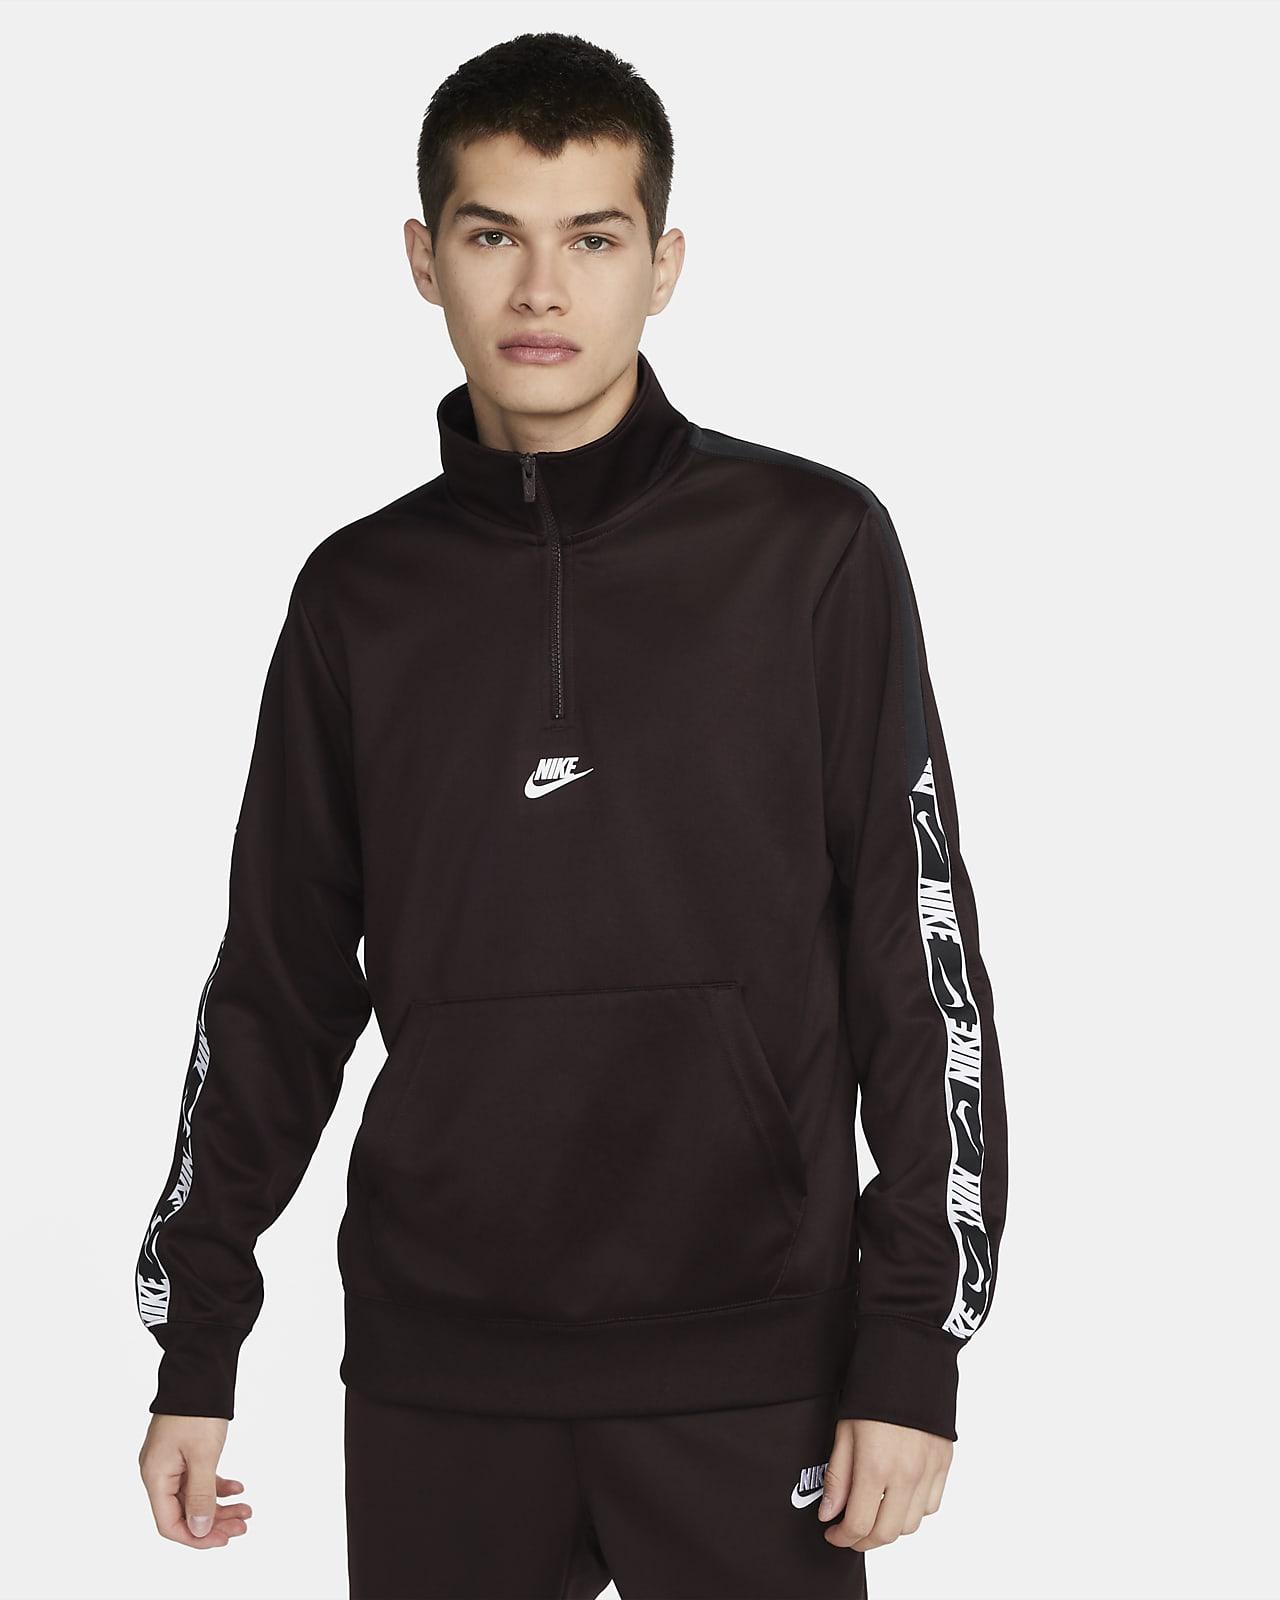 Nike Sportswear Camiseta con media cremallera - Hombre